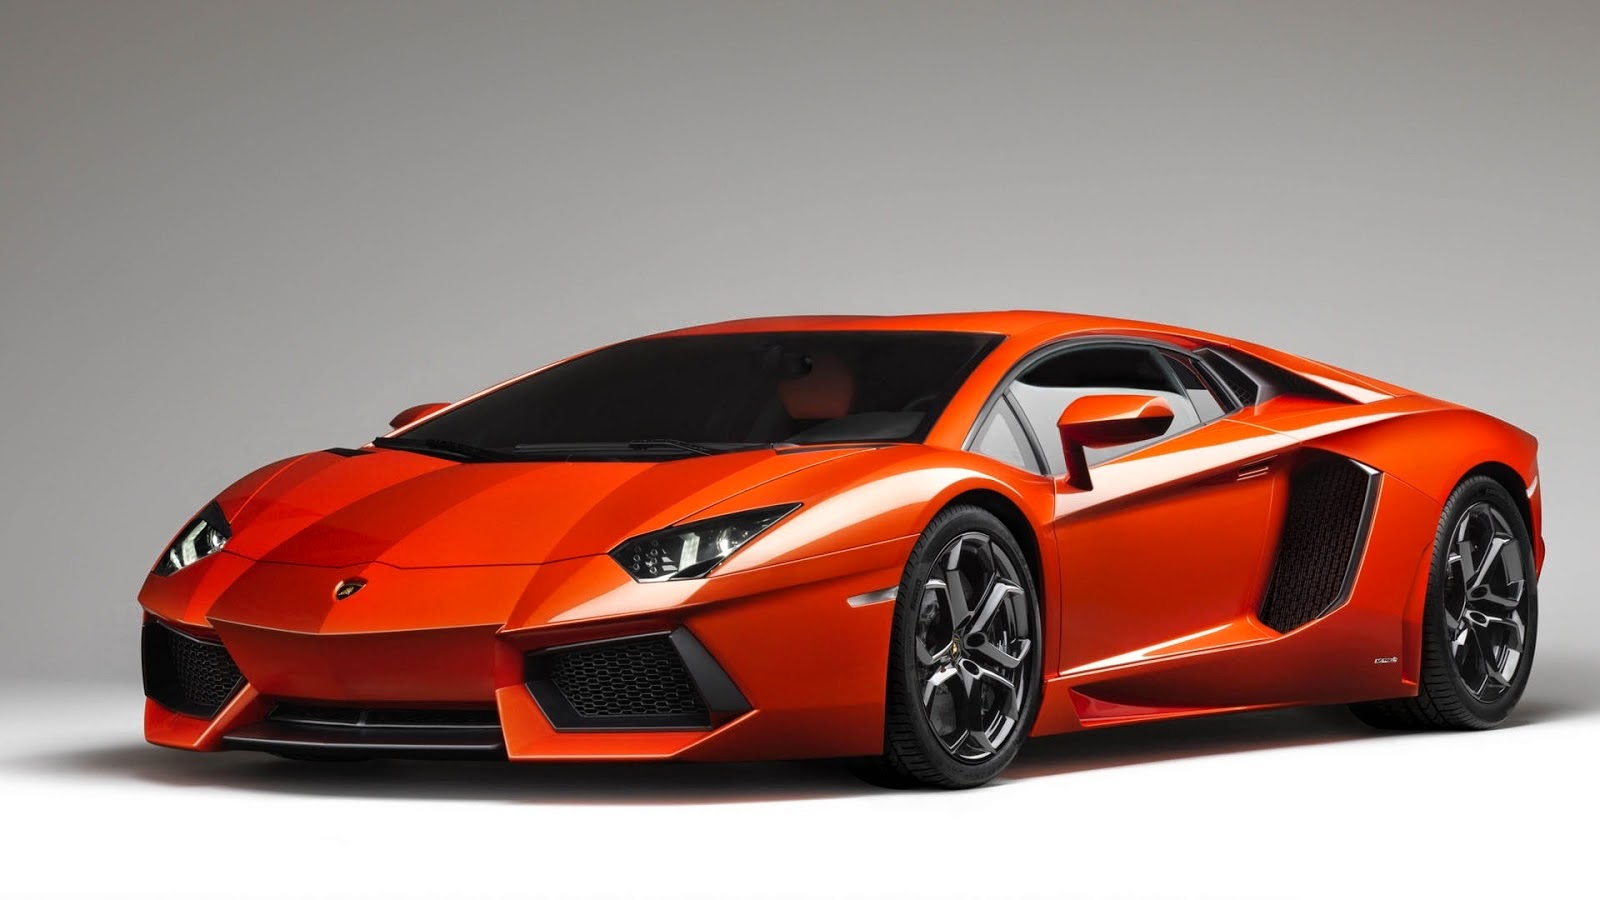 Mobil Lamborghini Cabrera